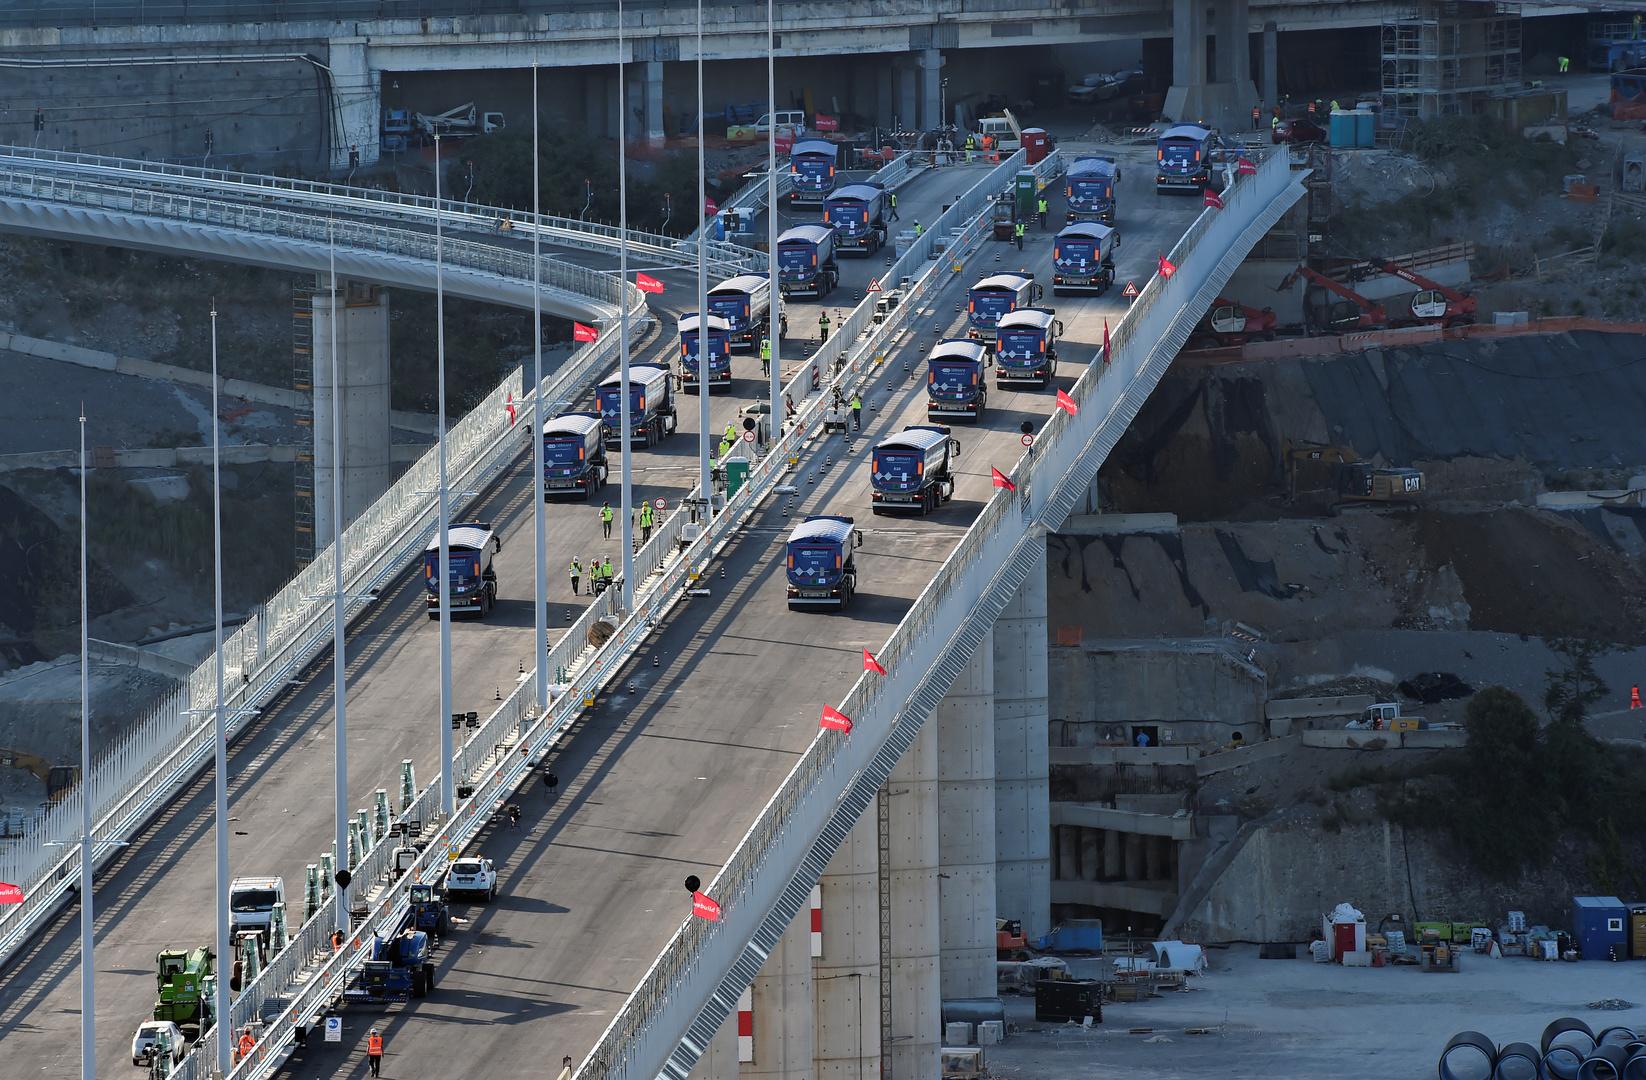 بعد عامين من الانهيار.. إيطاليا تعيد افتتاح جسر جنوة